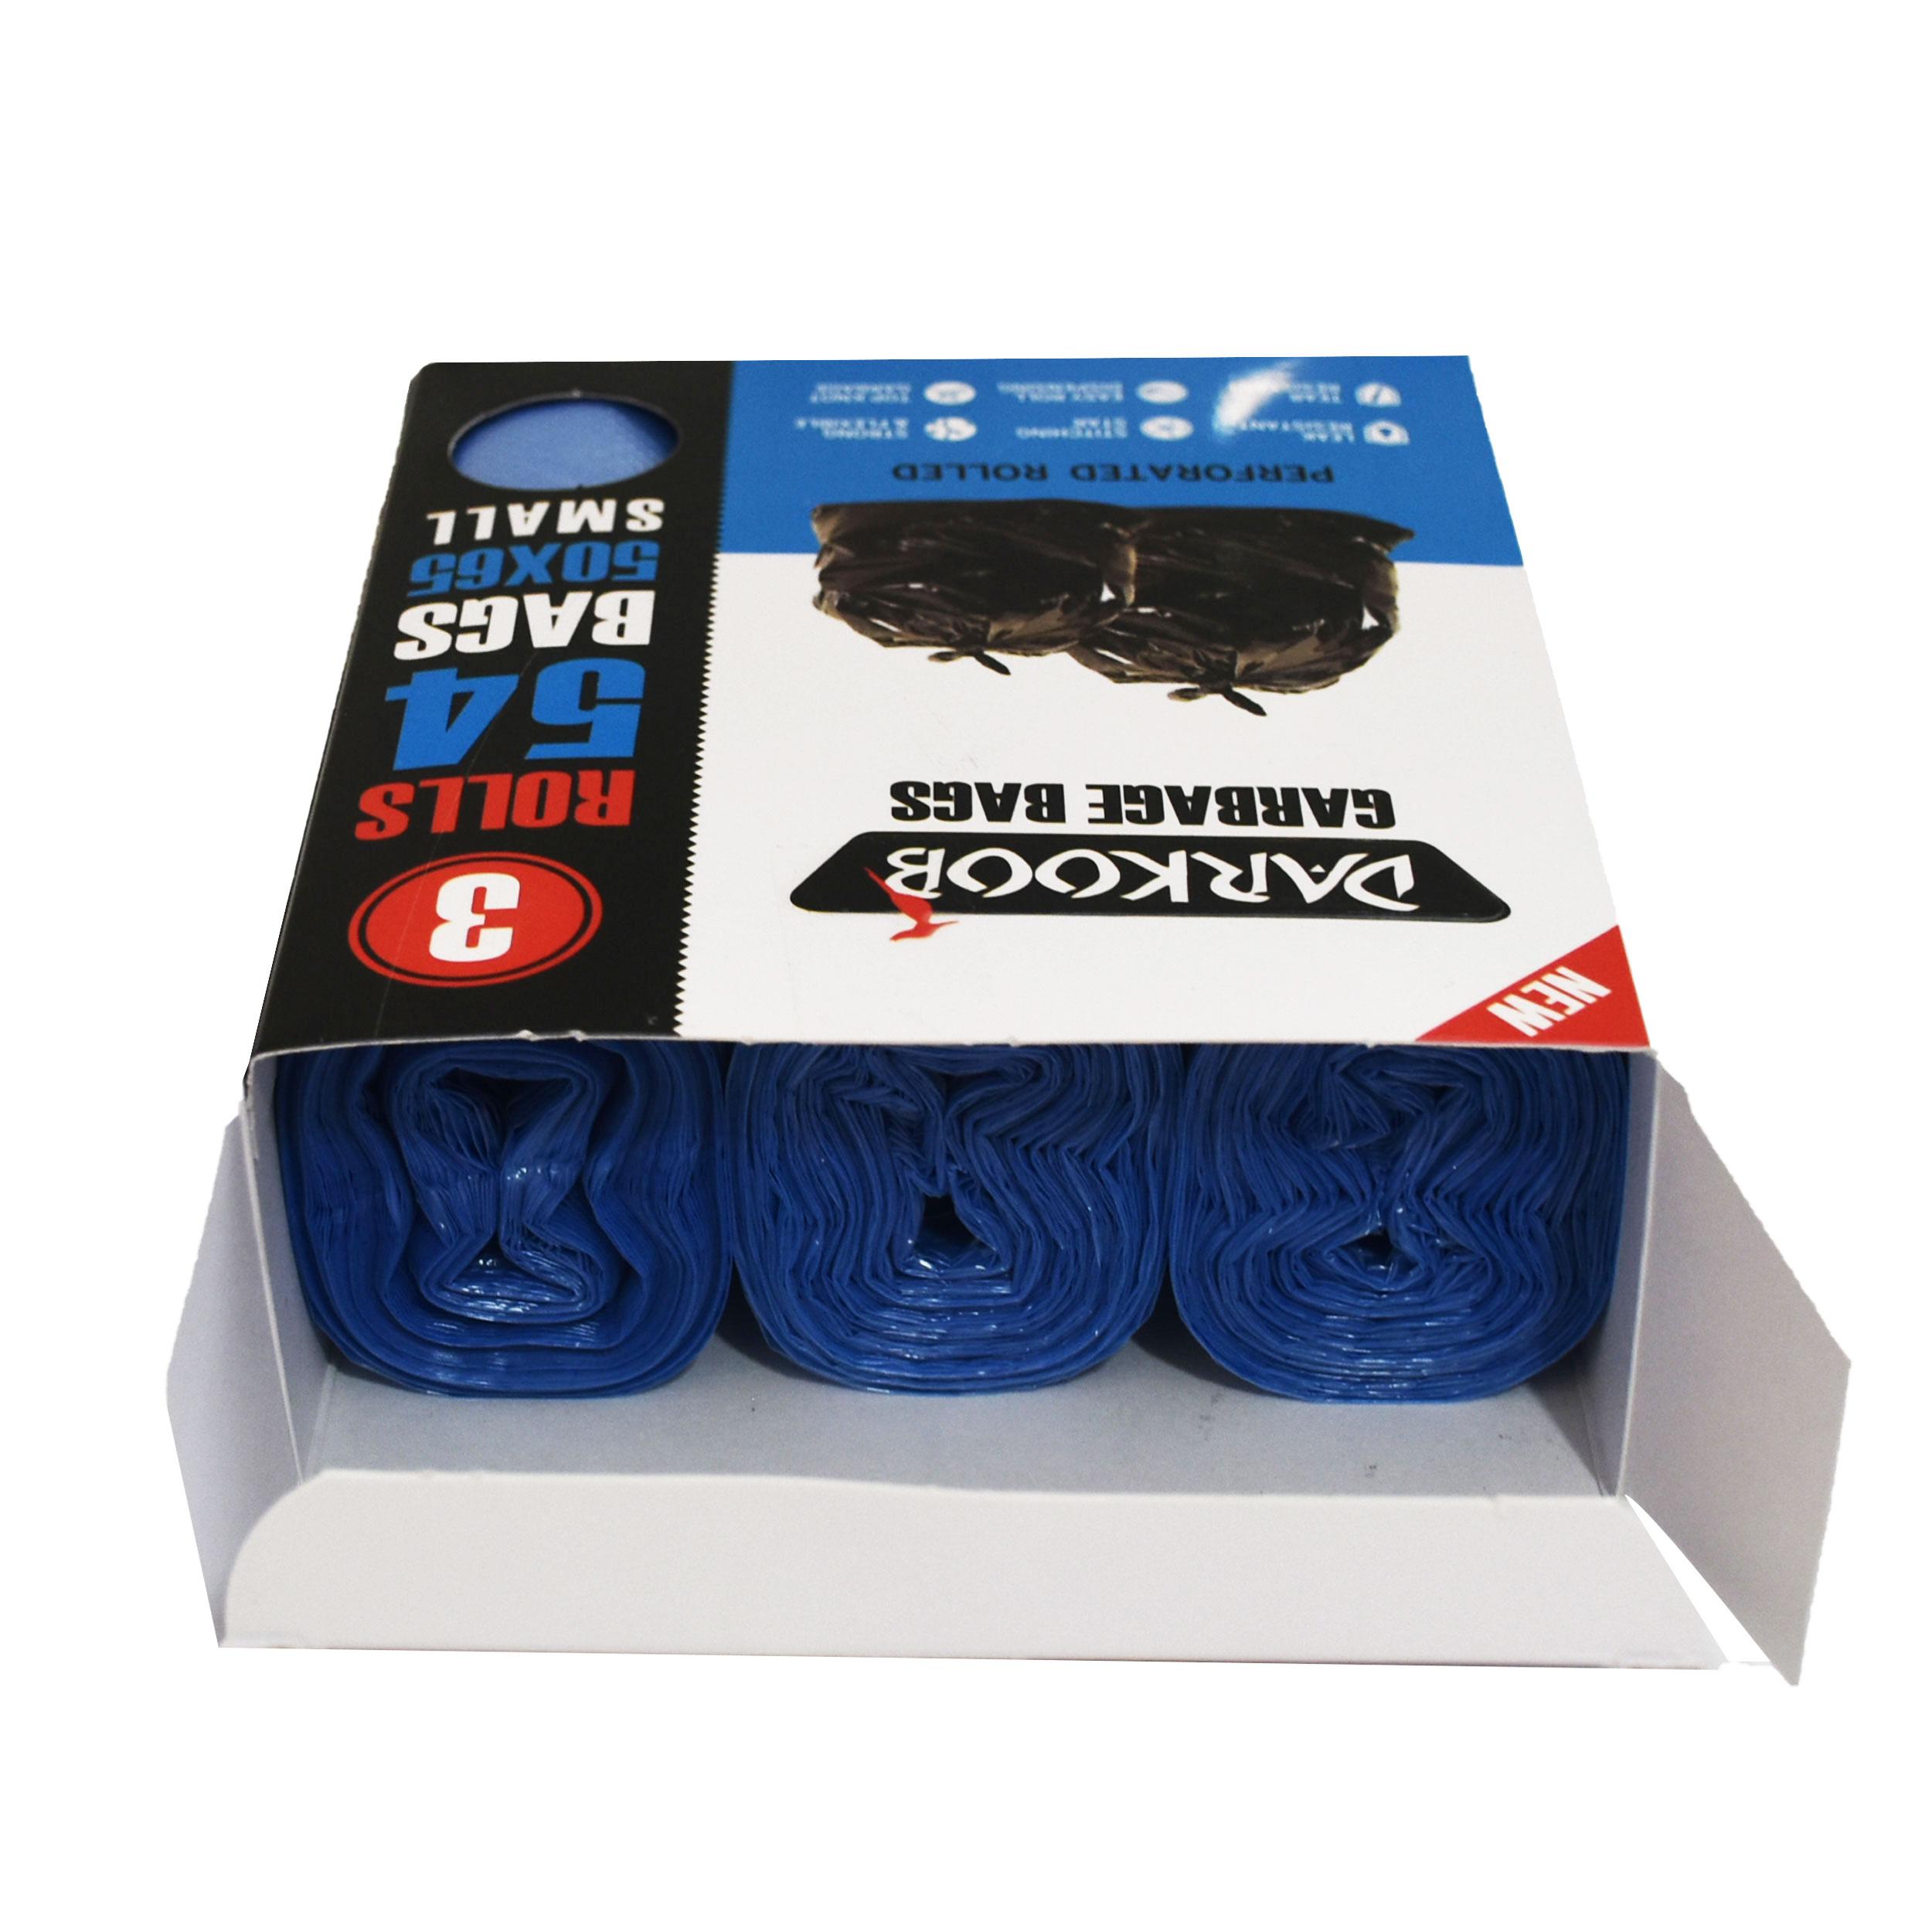 کیسه زباله دارکوب مدل Sh0043.2 بسته 54 عددی